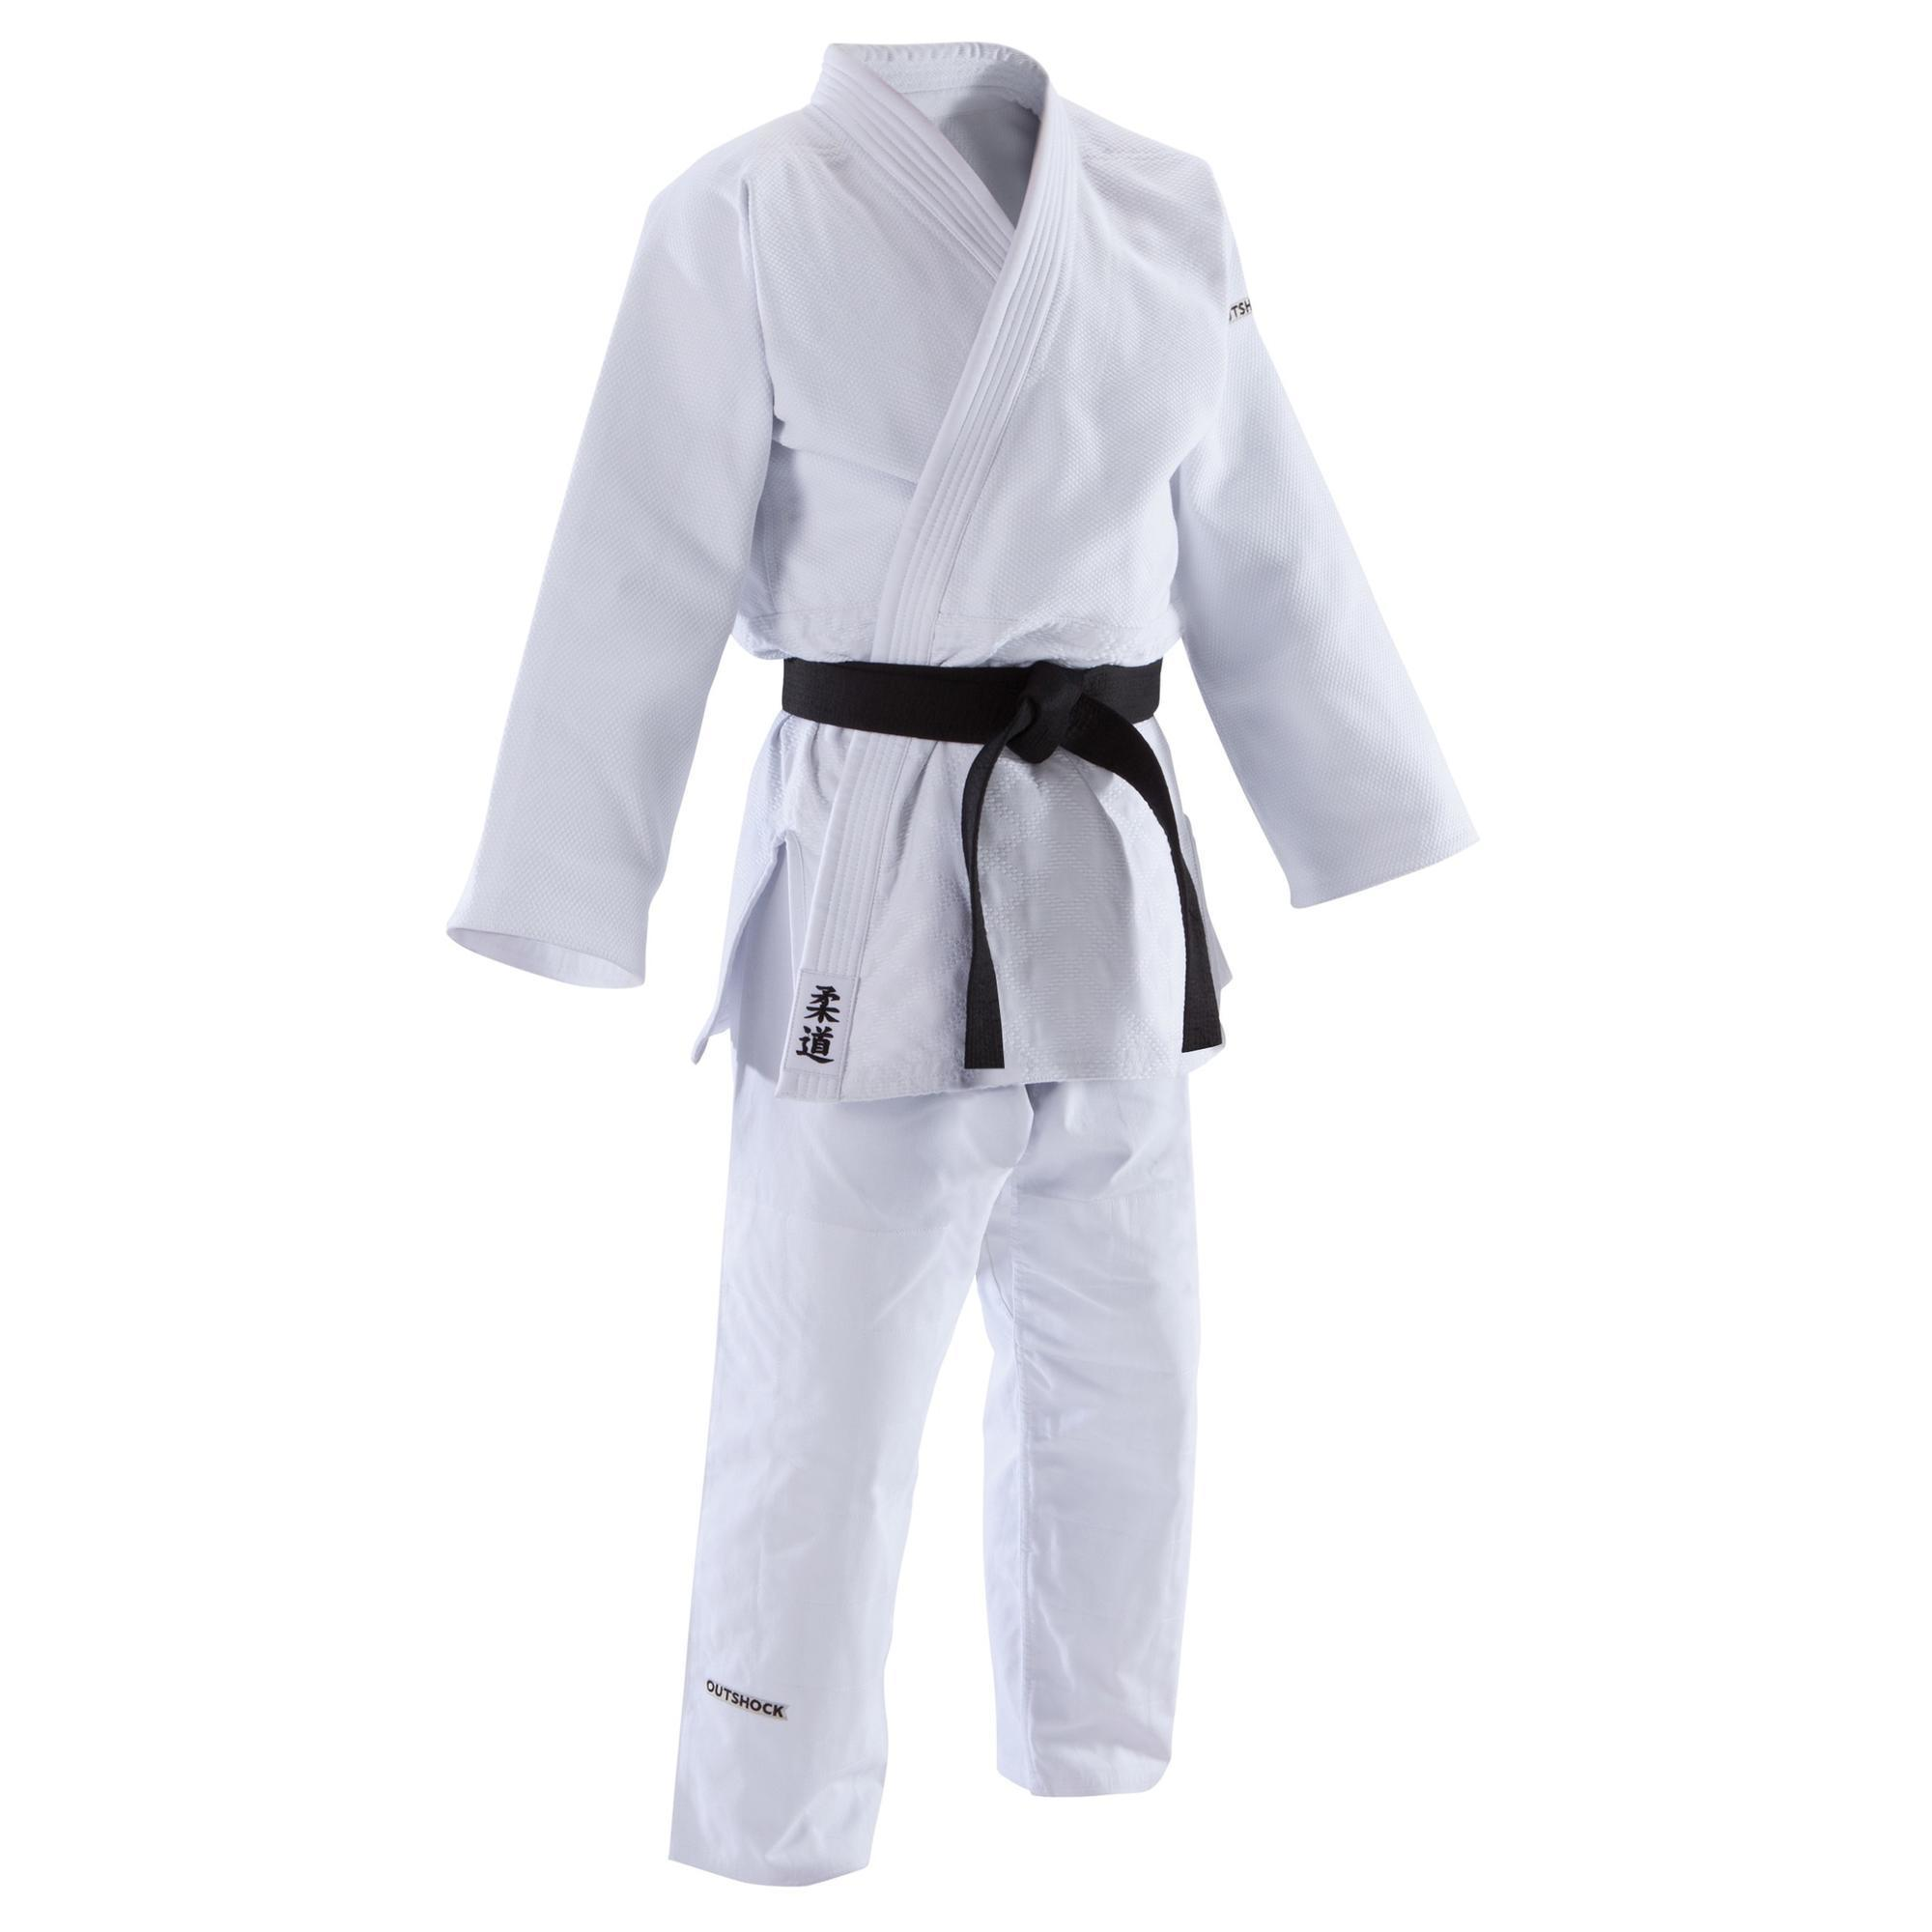 Judoanzug 900 Erwachsene weiß | Sportbekleidung > Sportanzüge > Judoanzüge | Outshock